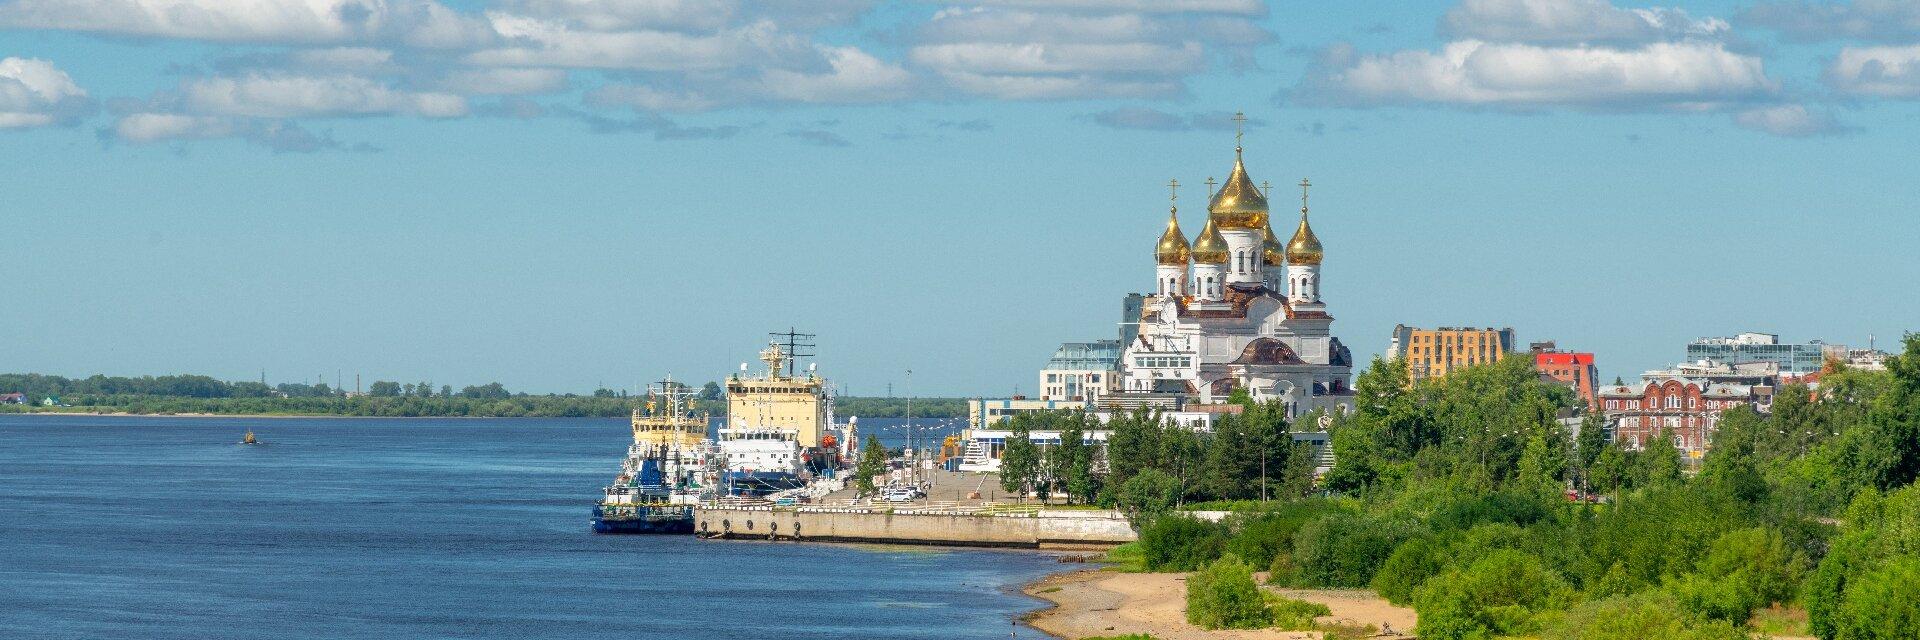 Поиск отелей в Архангельске